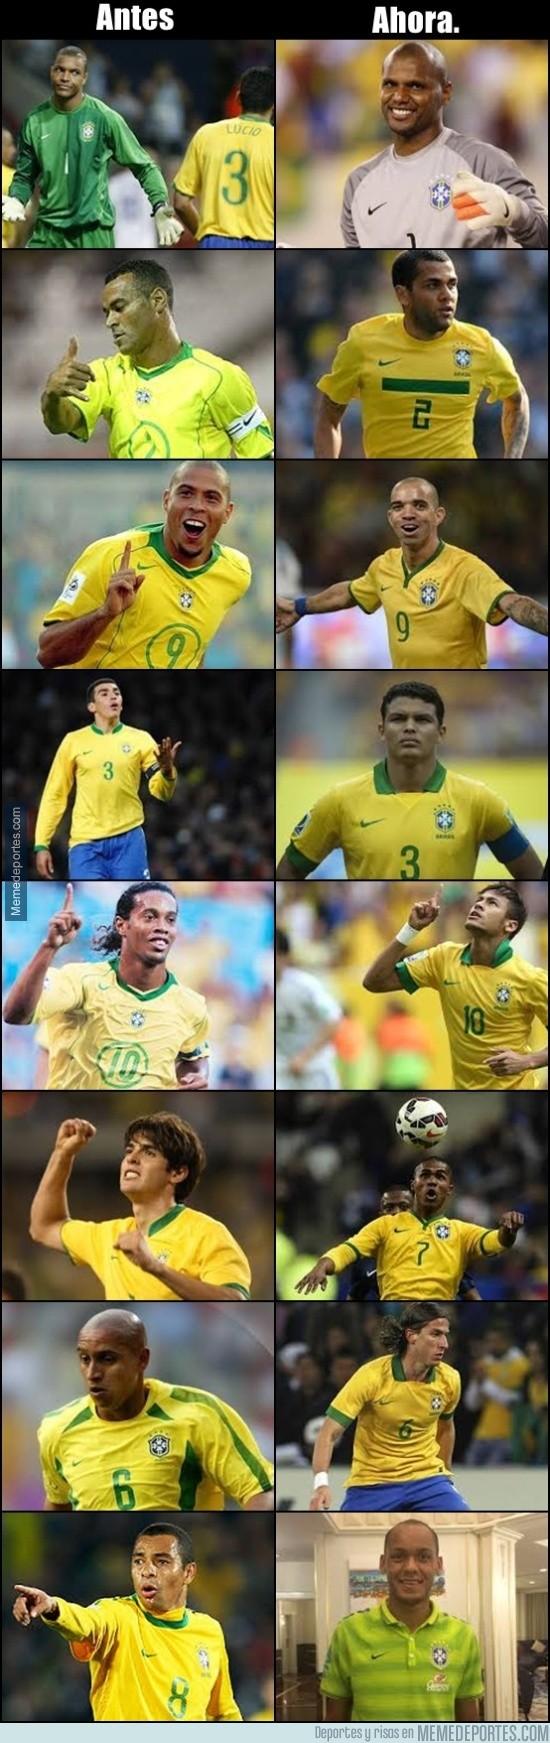 594429 - Comparemos el viejo Brasil con el actual y lloremos todos